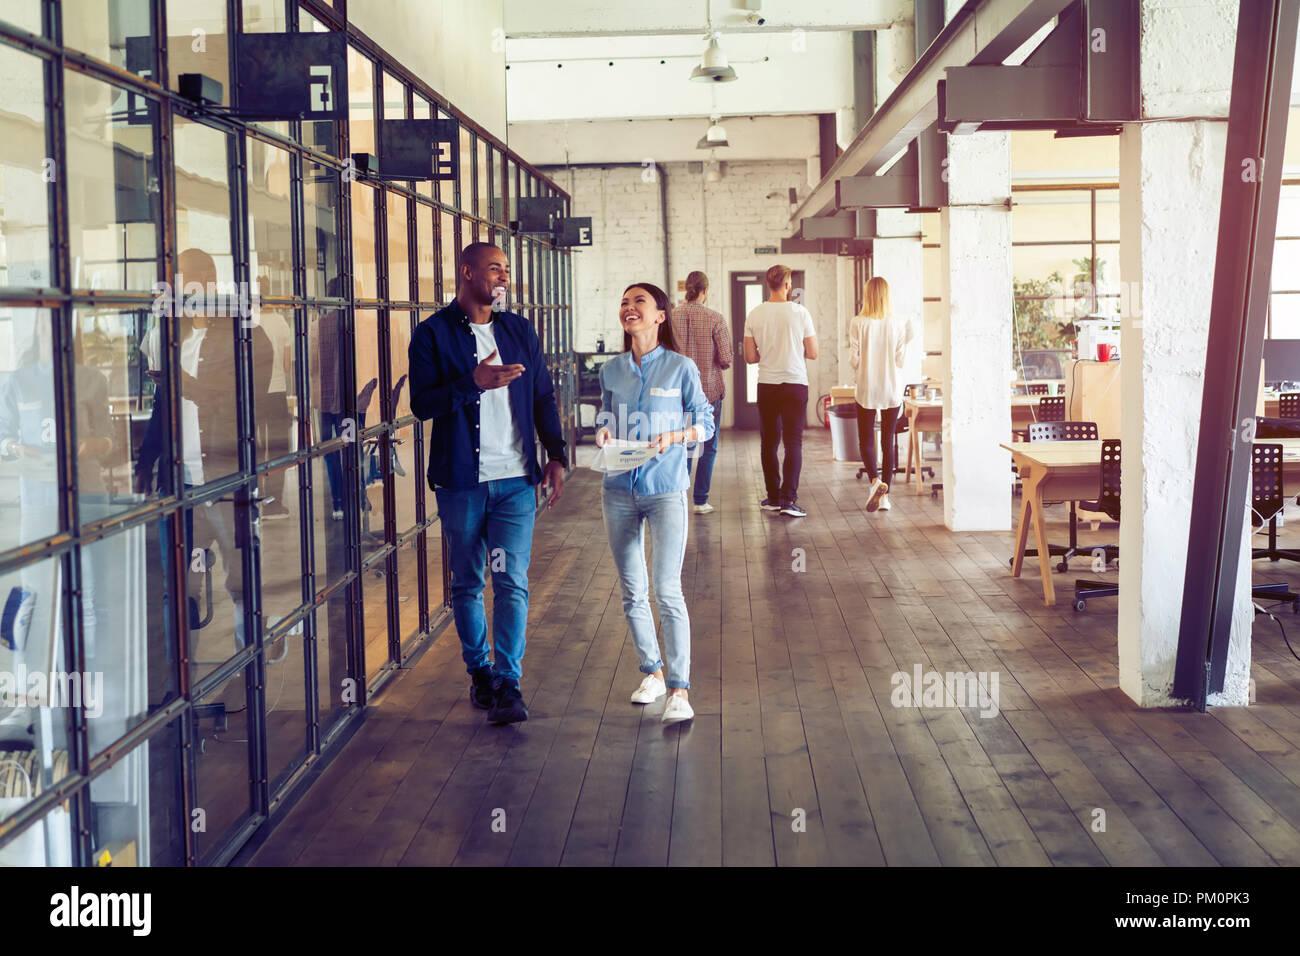 Rattrapage avant la réunion. Longueur totale de jeunes gens modernes dans smart casual wear discuter affaires et souriant tout en marchant à travers le corridor. Photo Stock